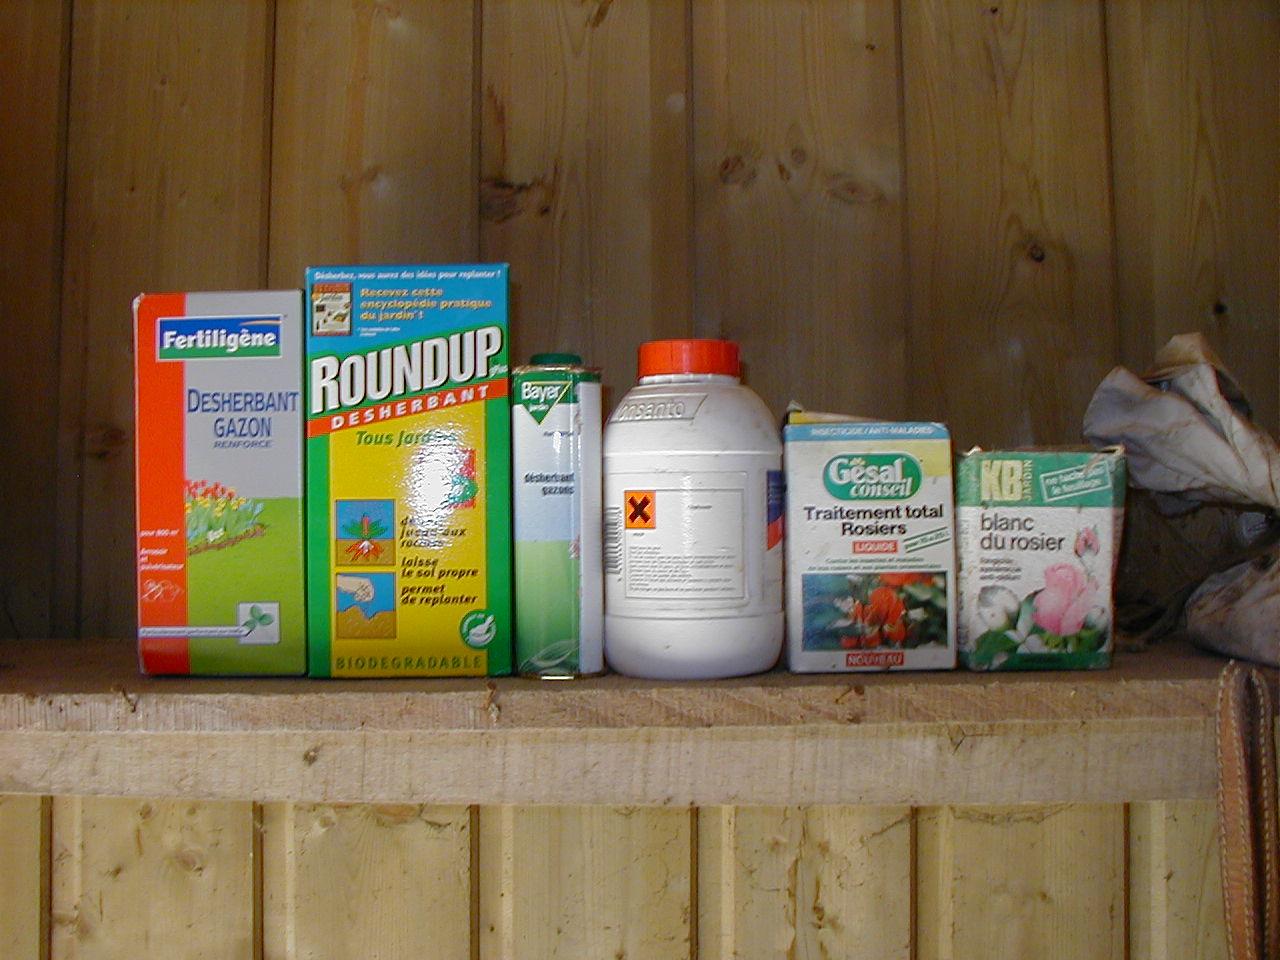 Opération en déchetterie : des graines contre des pesticides